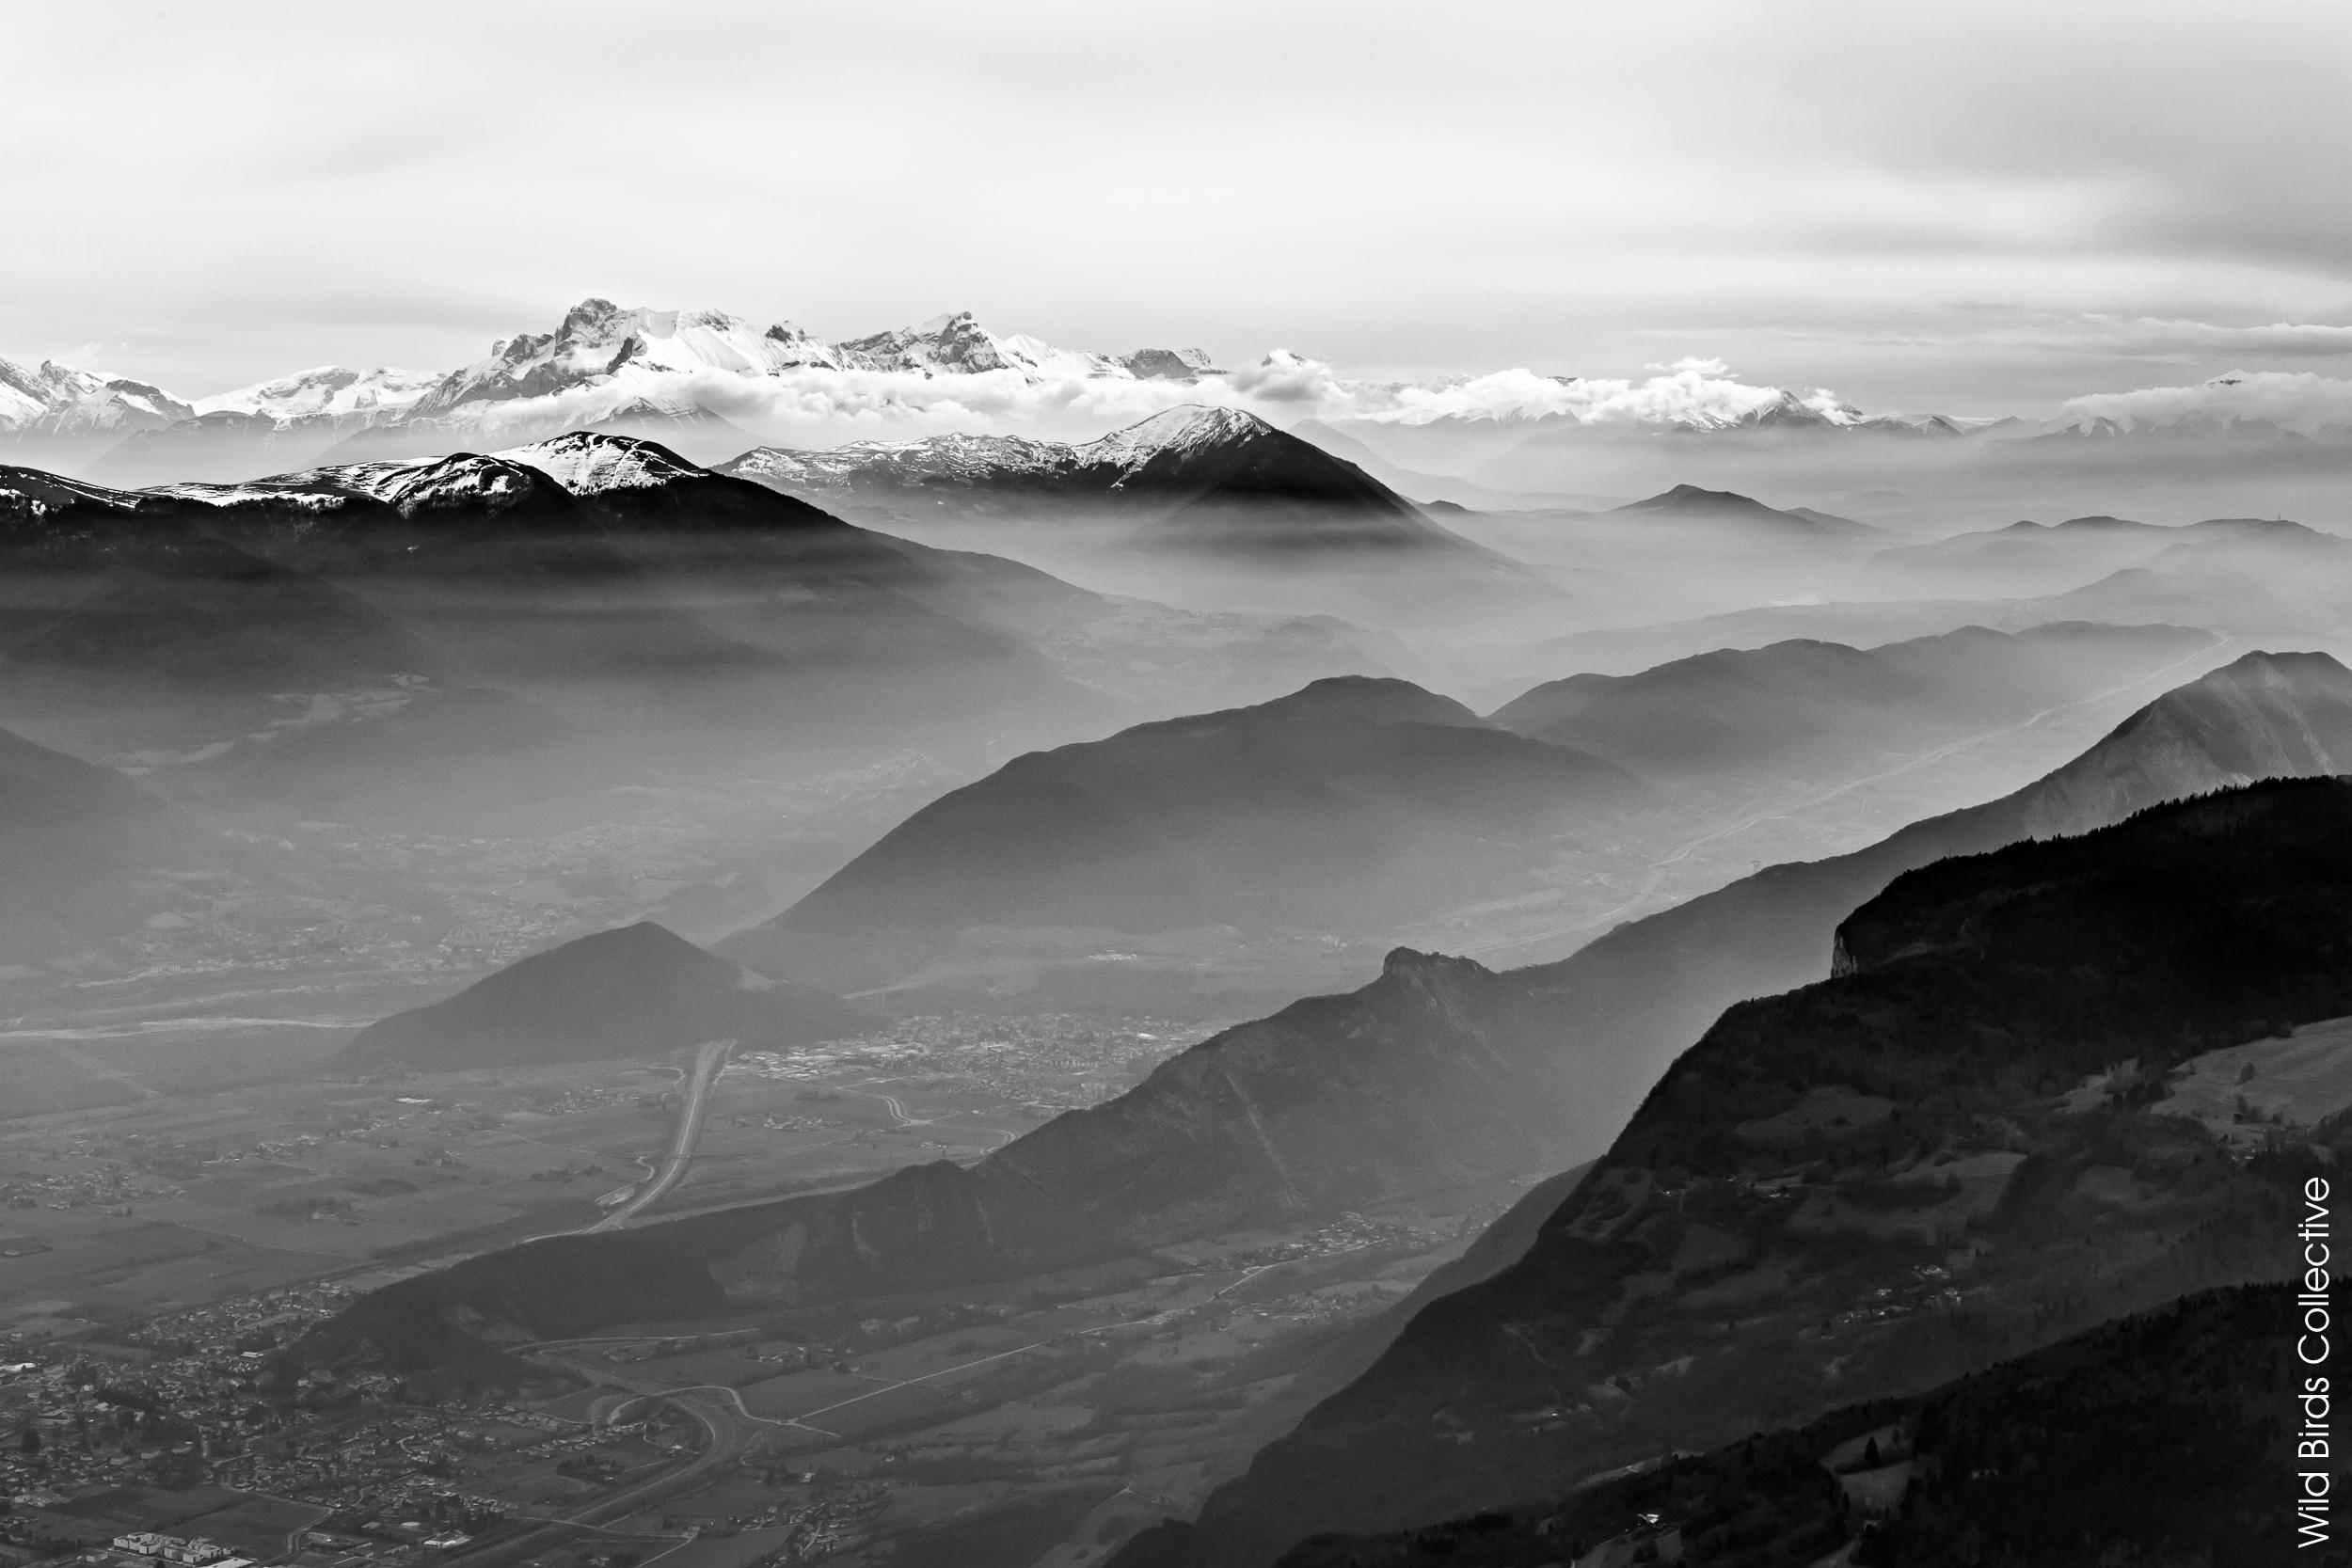 Balade dans les Alpes : Le Moucherotte